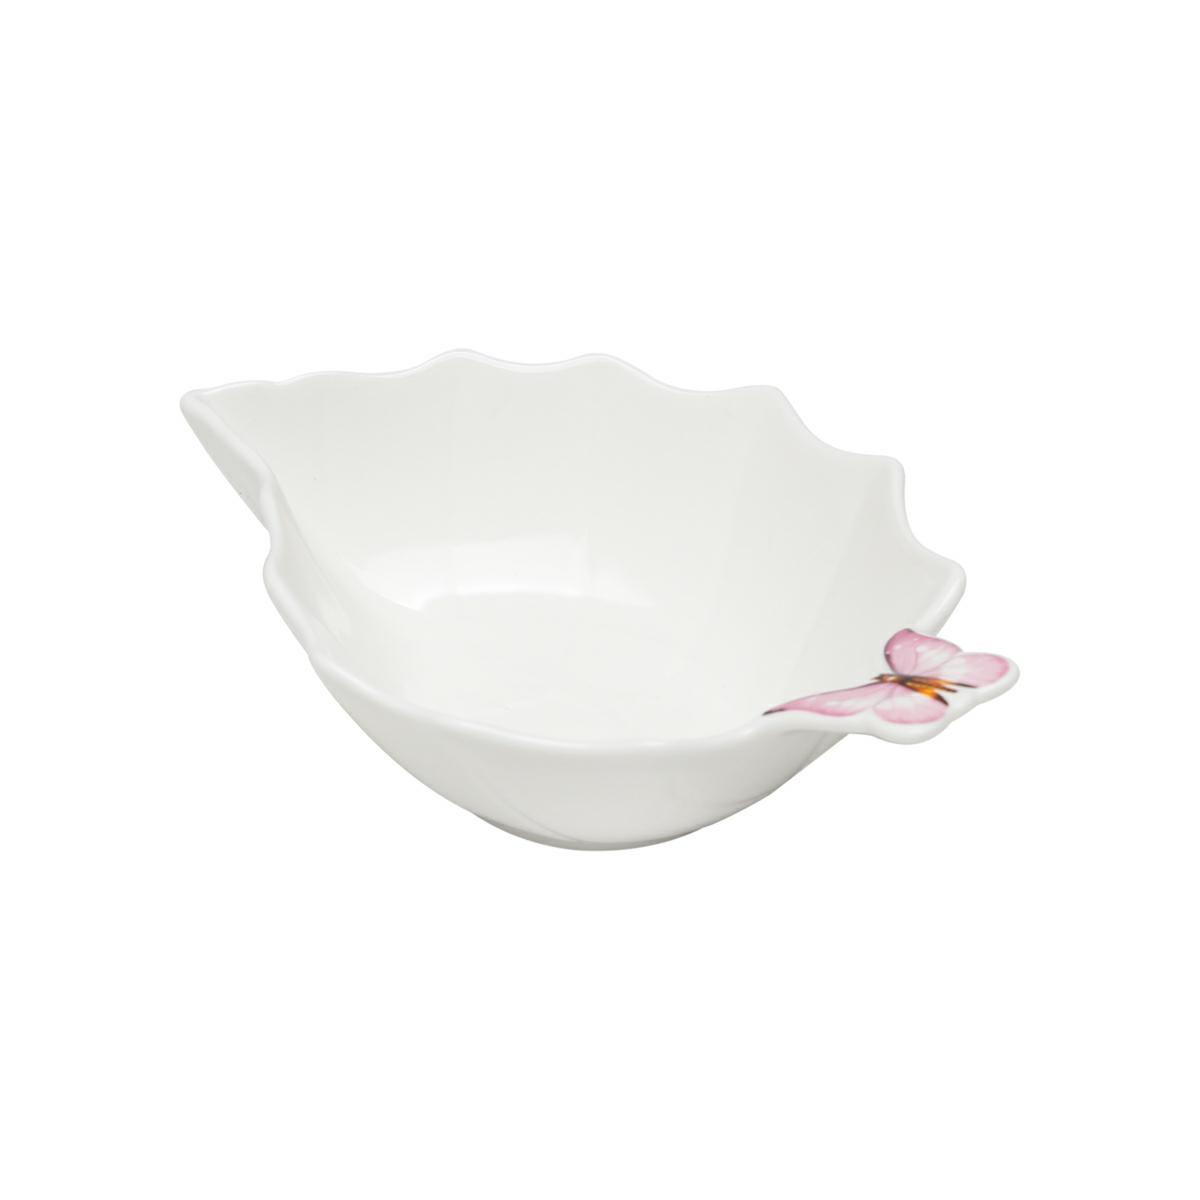 Bowl 17,5 cm de porcelana branca Borboletas Wolff - 1174